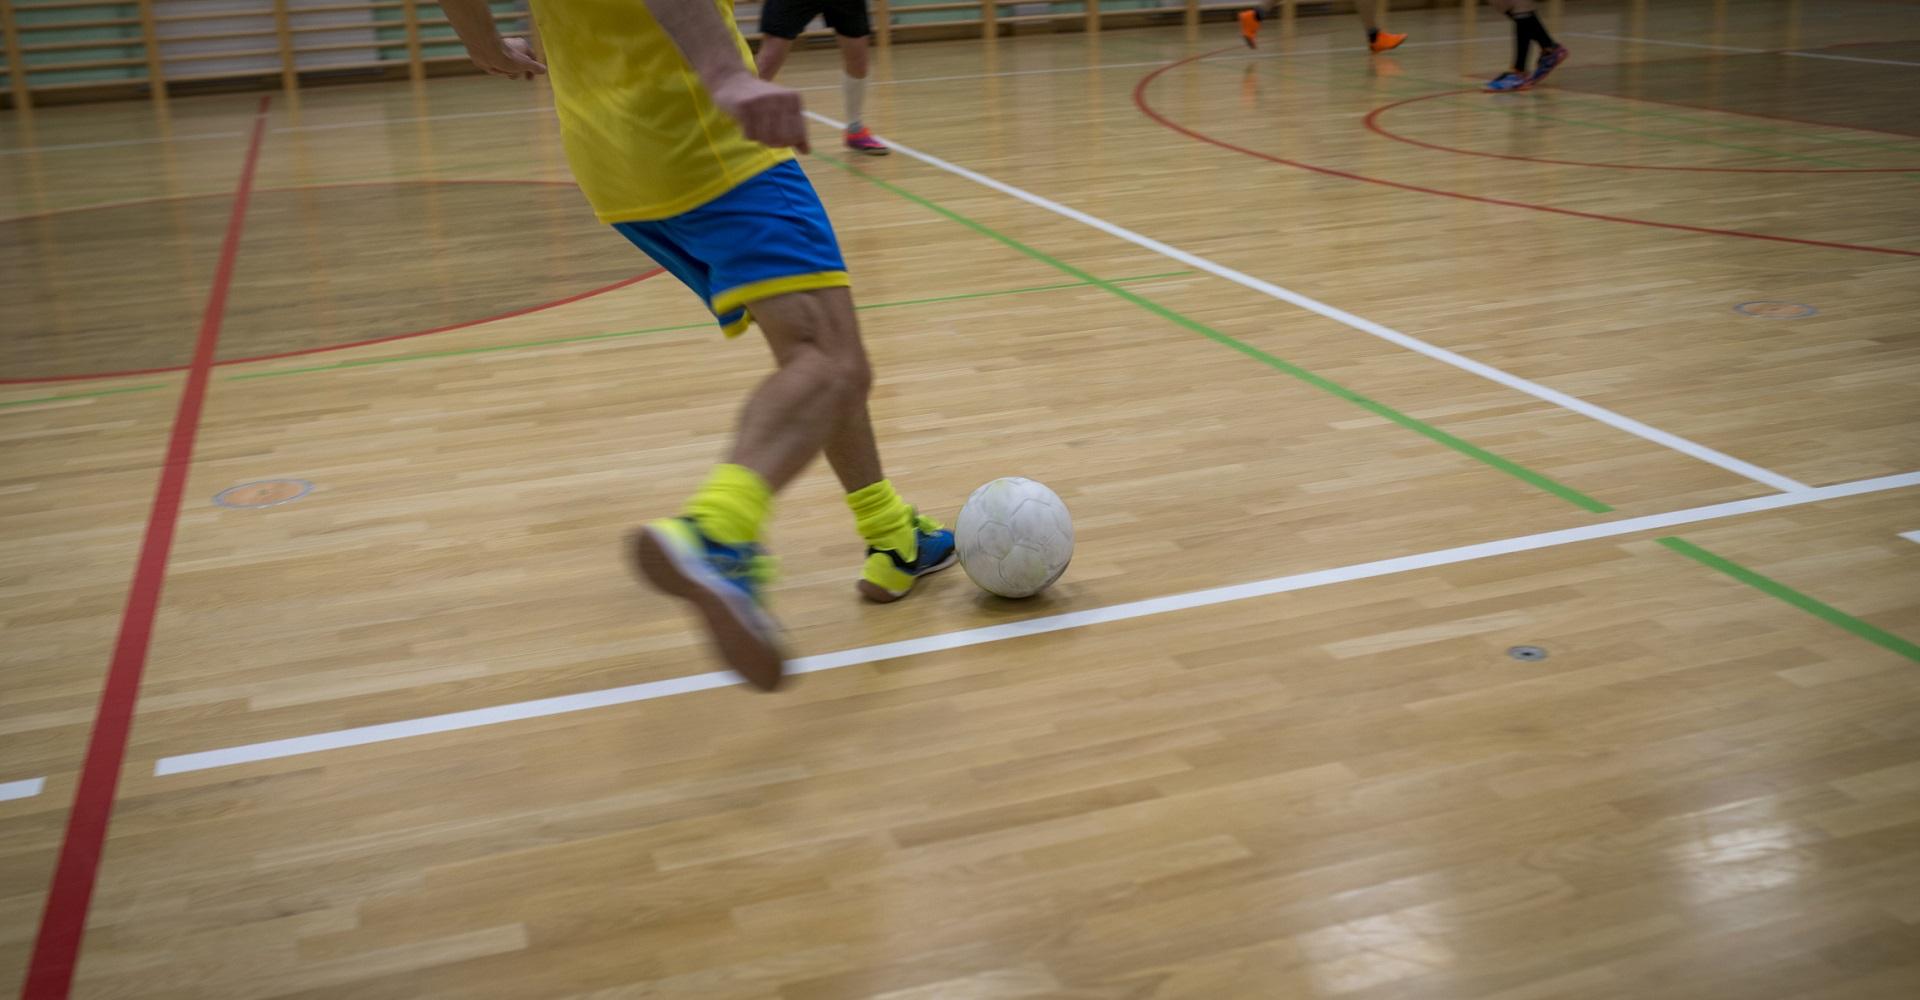 Junger Sportler spielt Fußball in der Halle